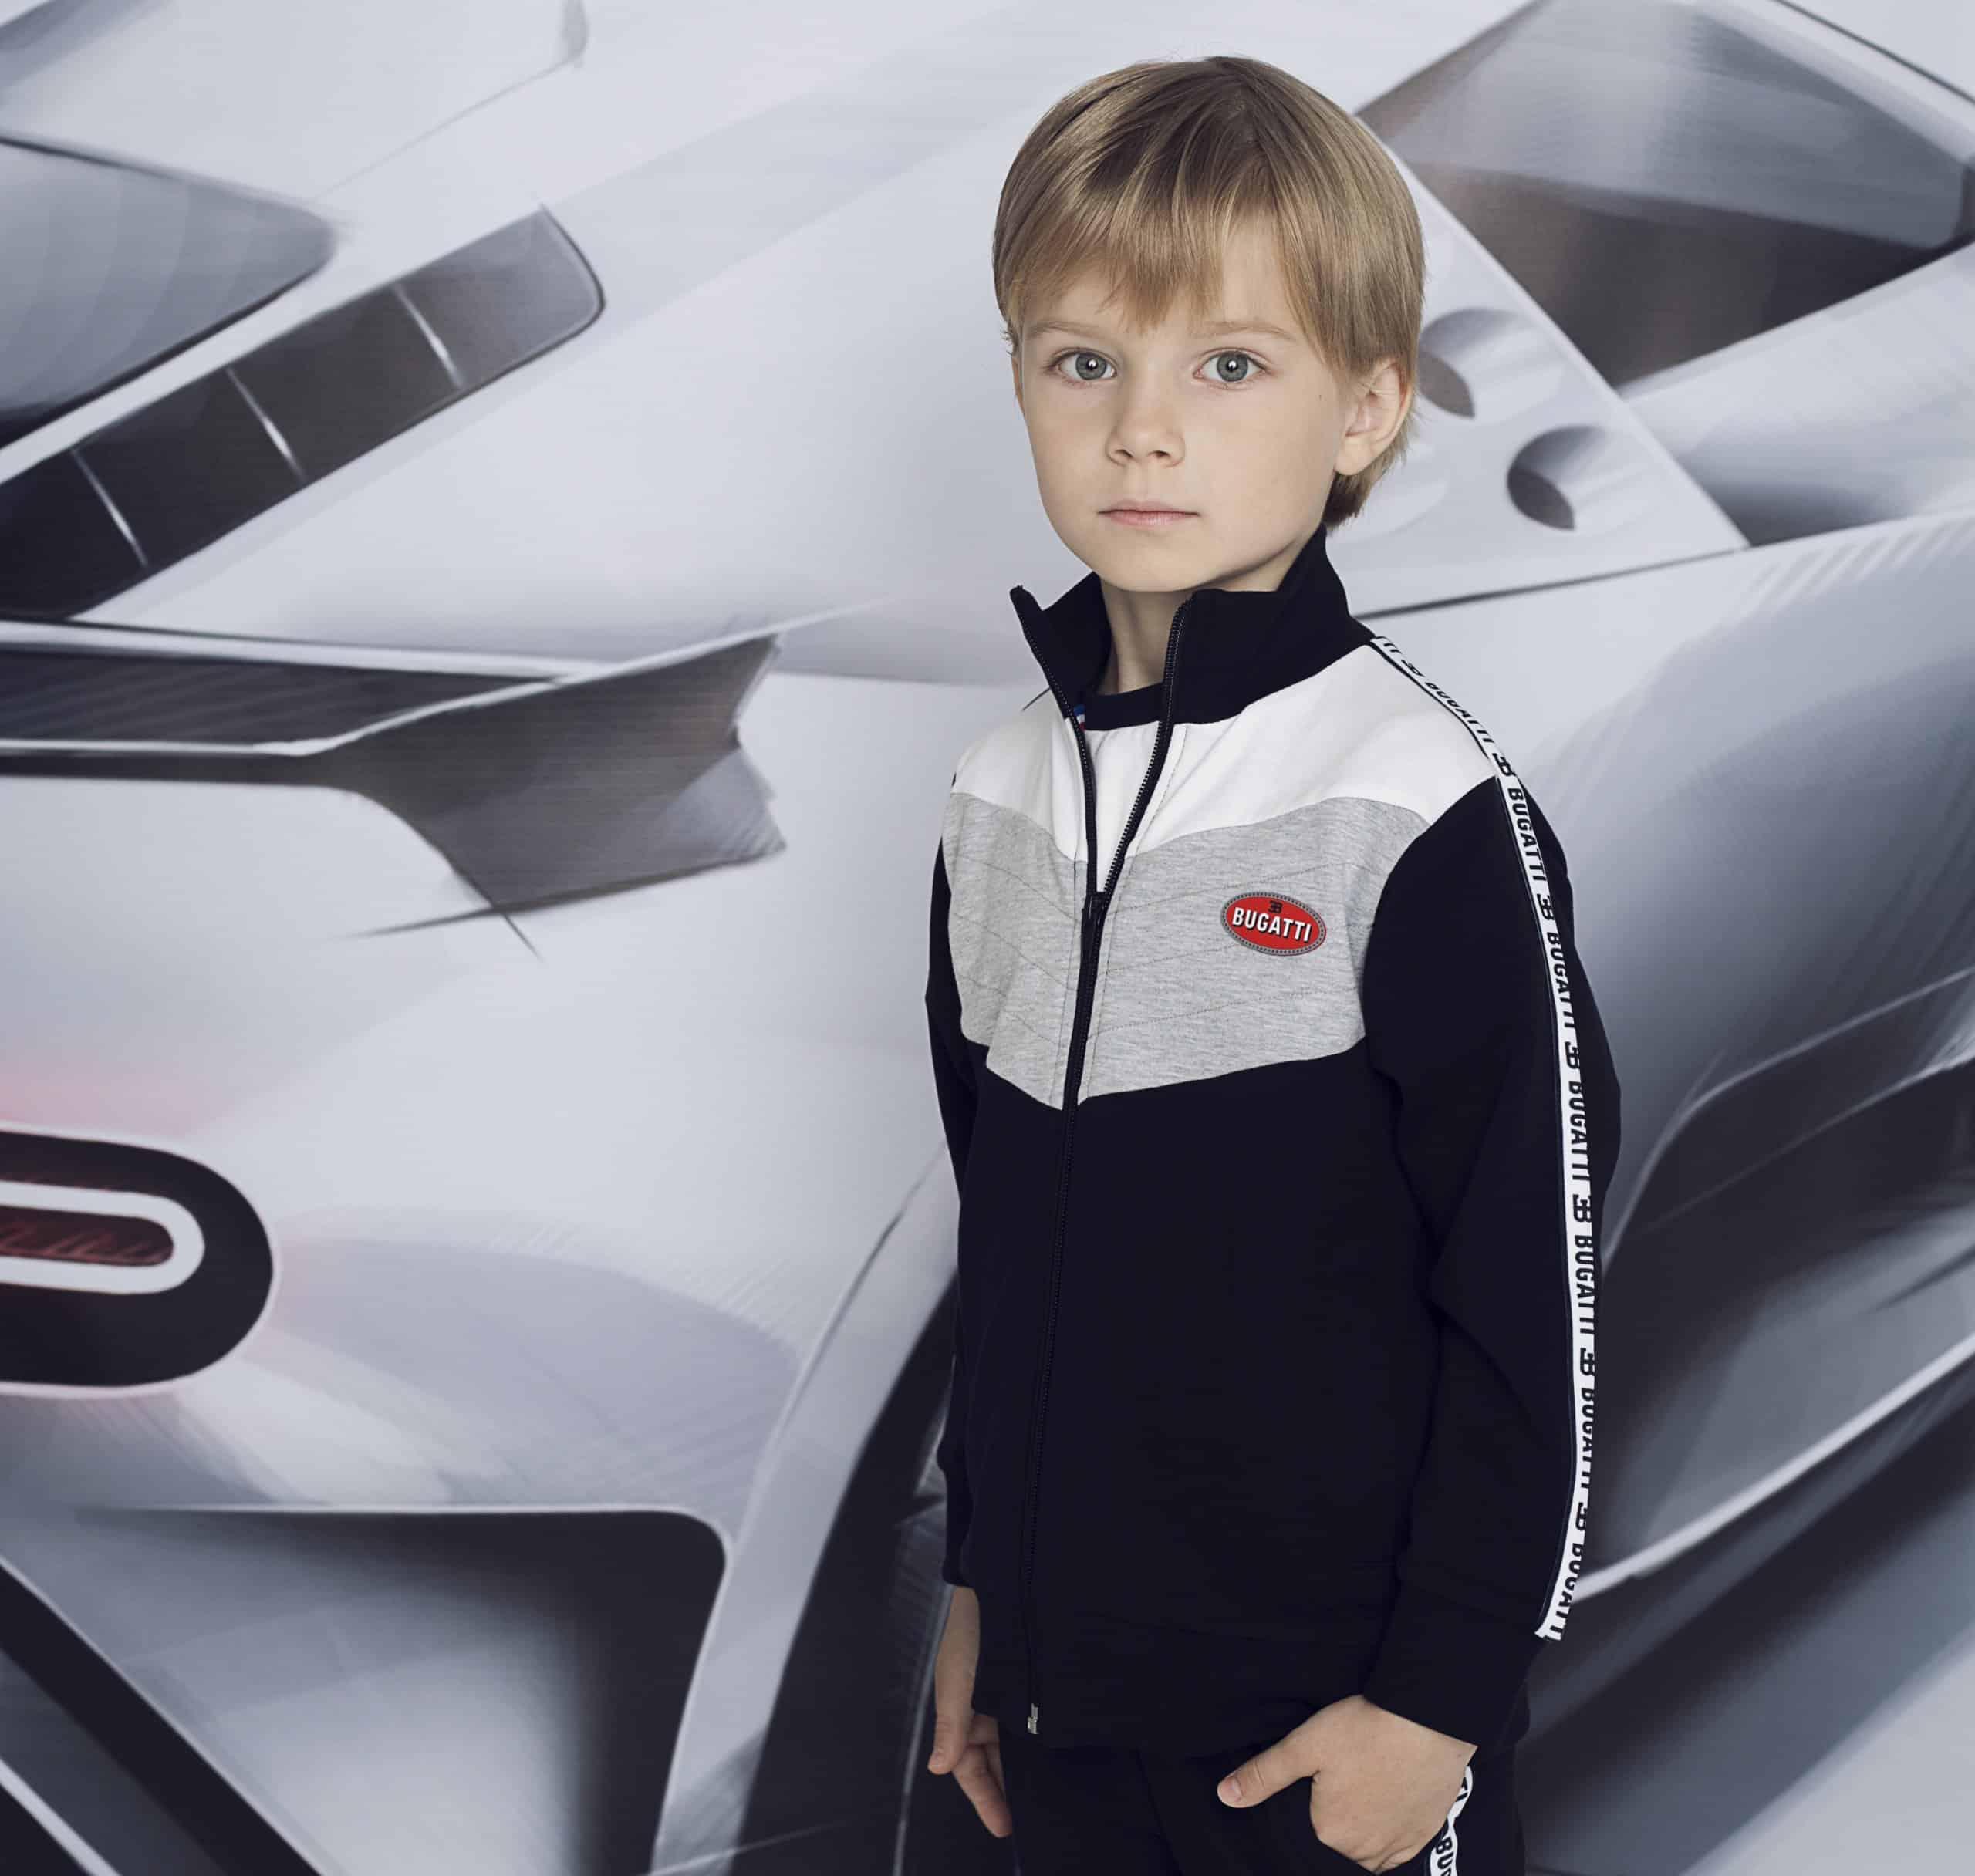 Bugatti junior fashion line